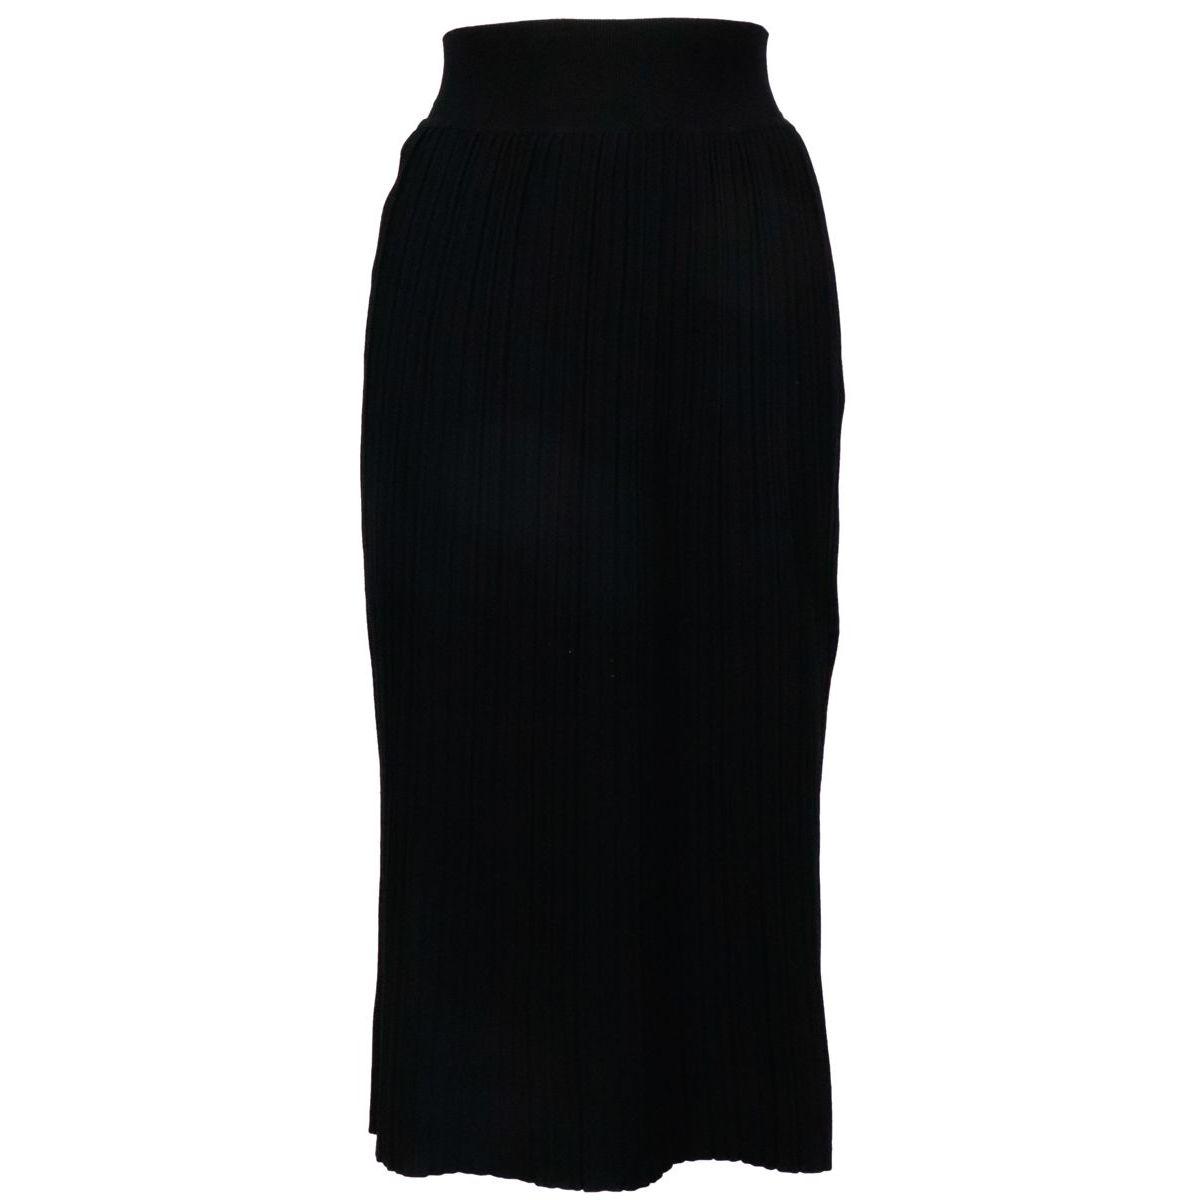 Urban skirt in pleated viscose knit Black MAX MARA STUDIO